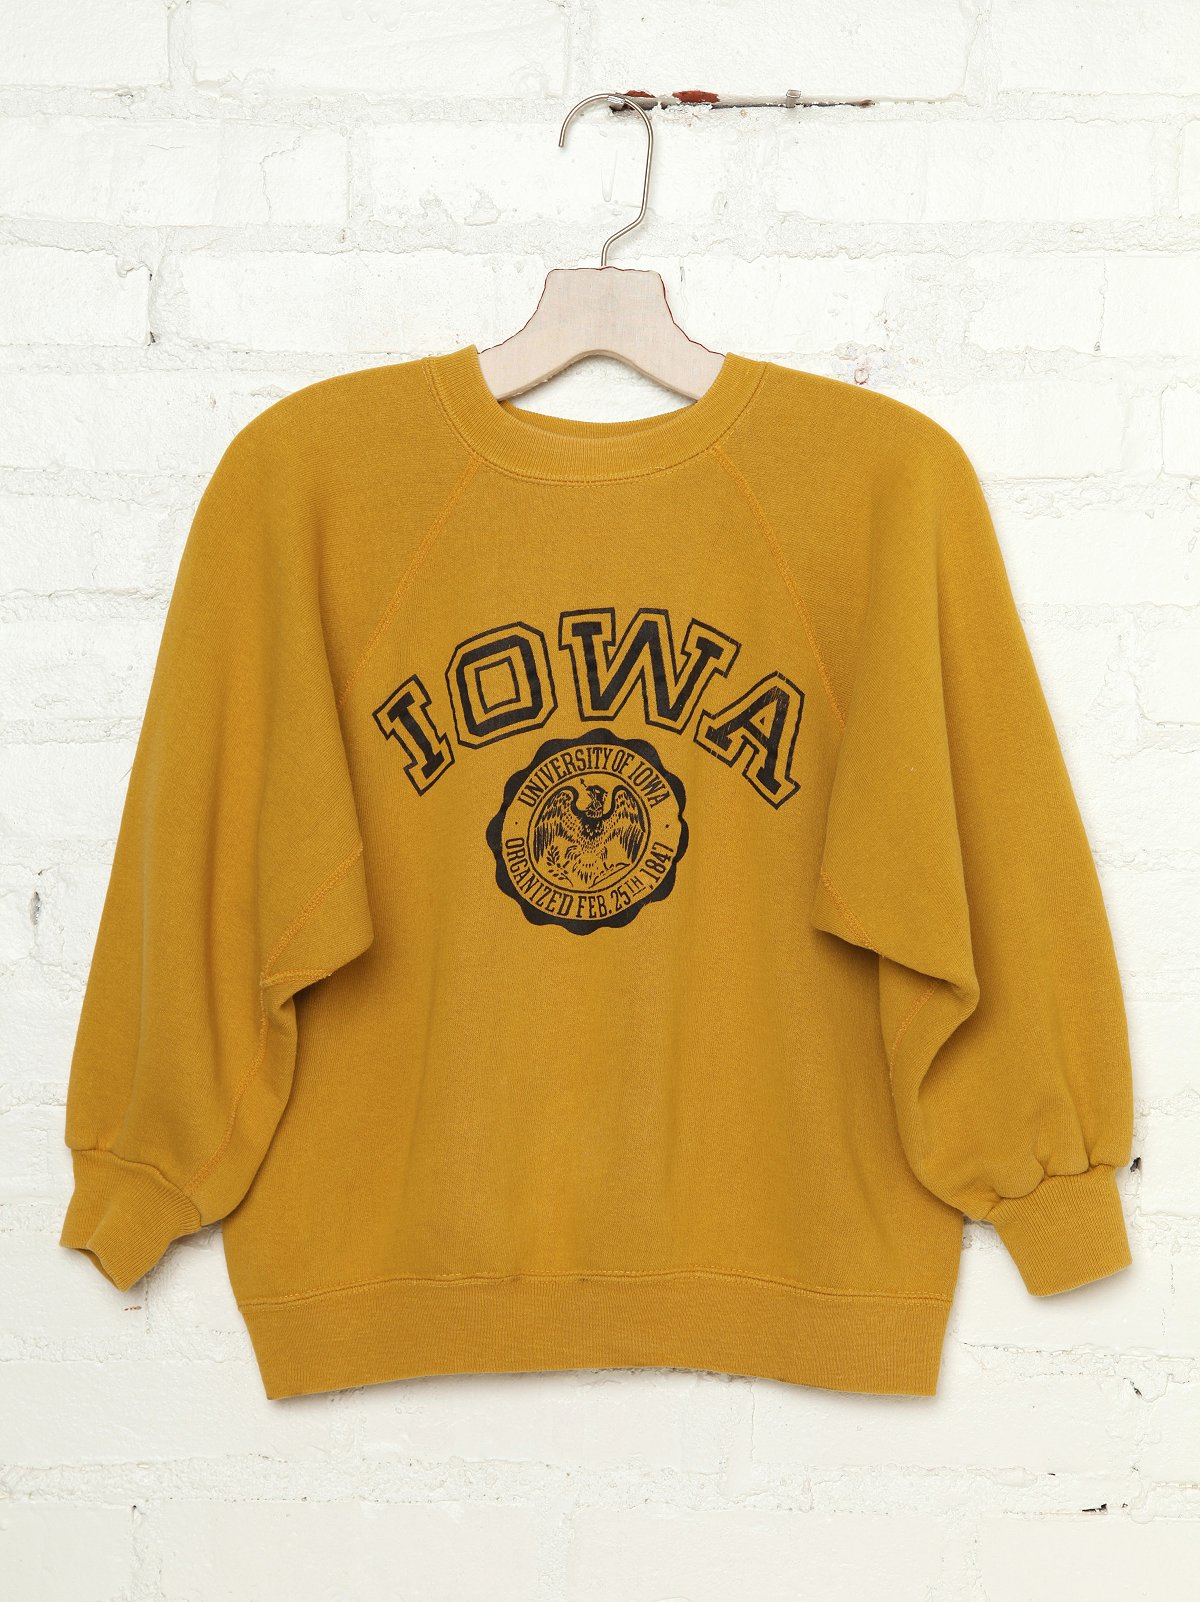 Vintage 1960s Iowa Sweatshirt